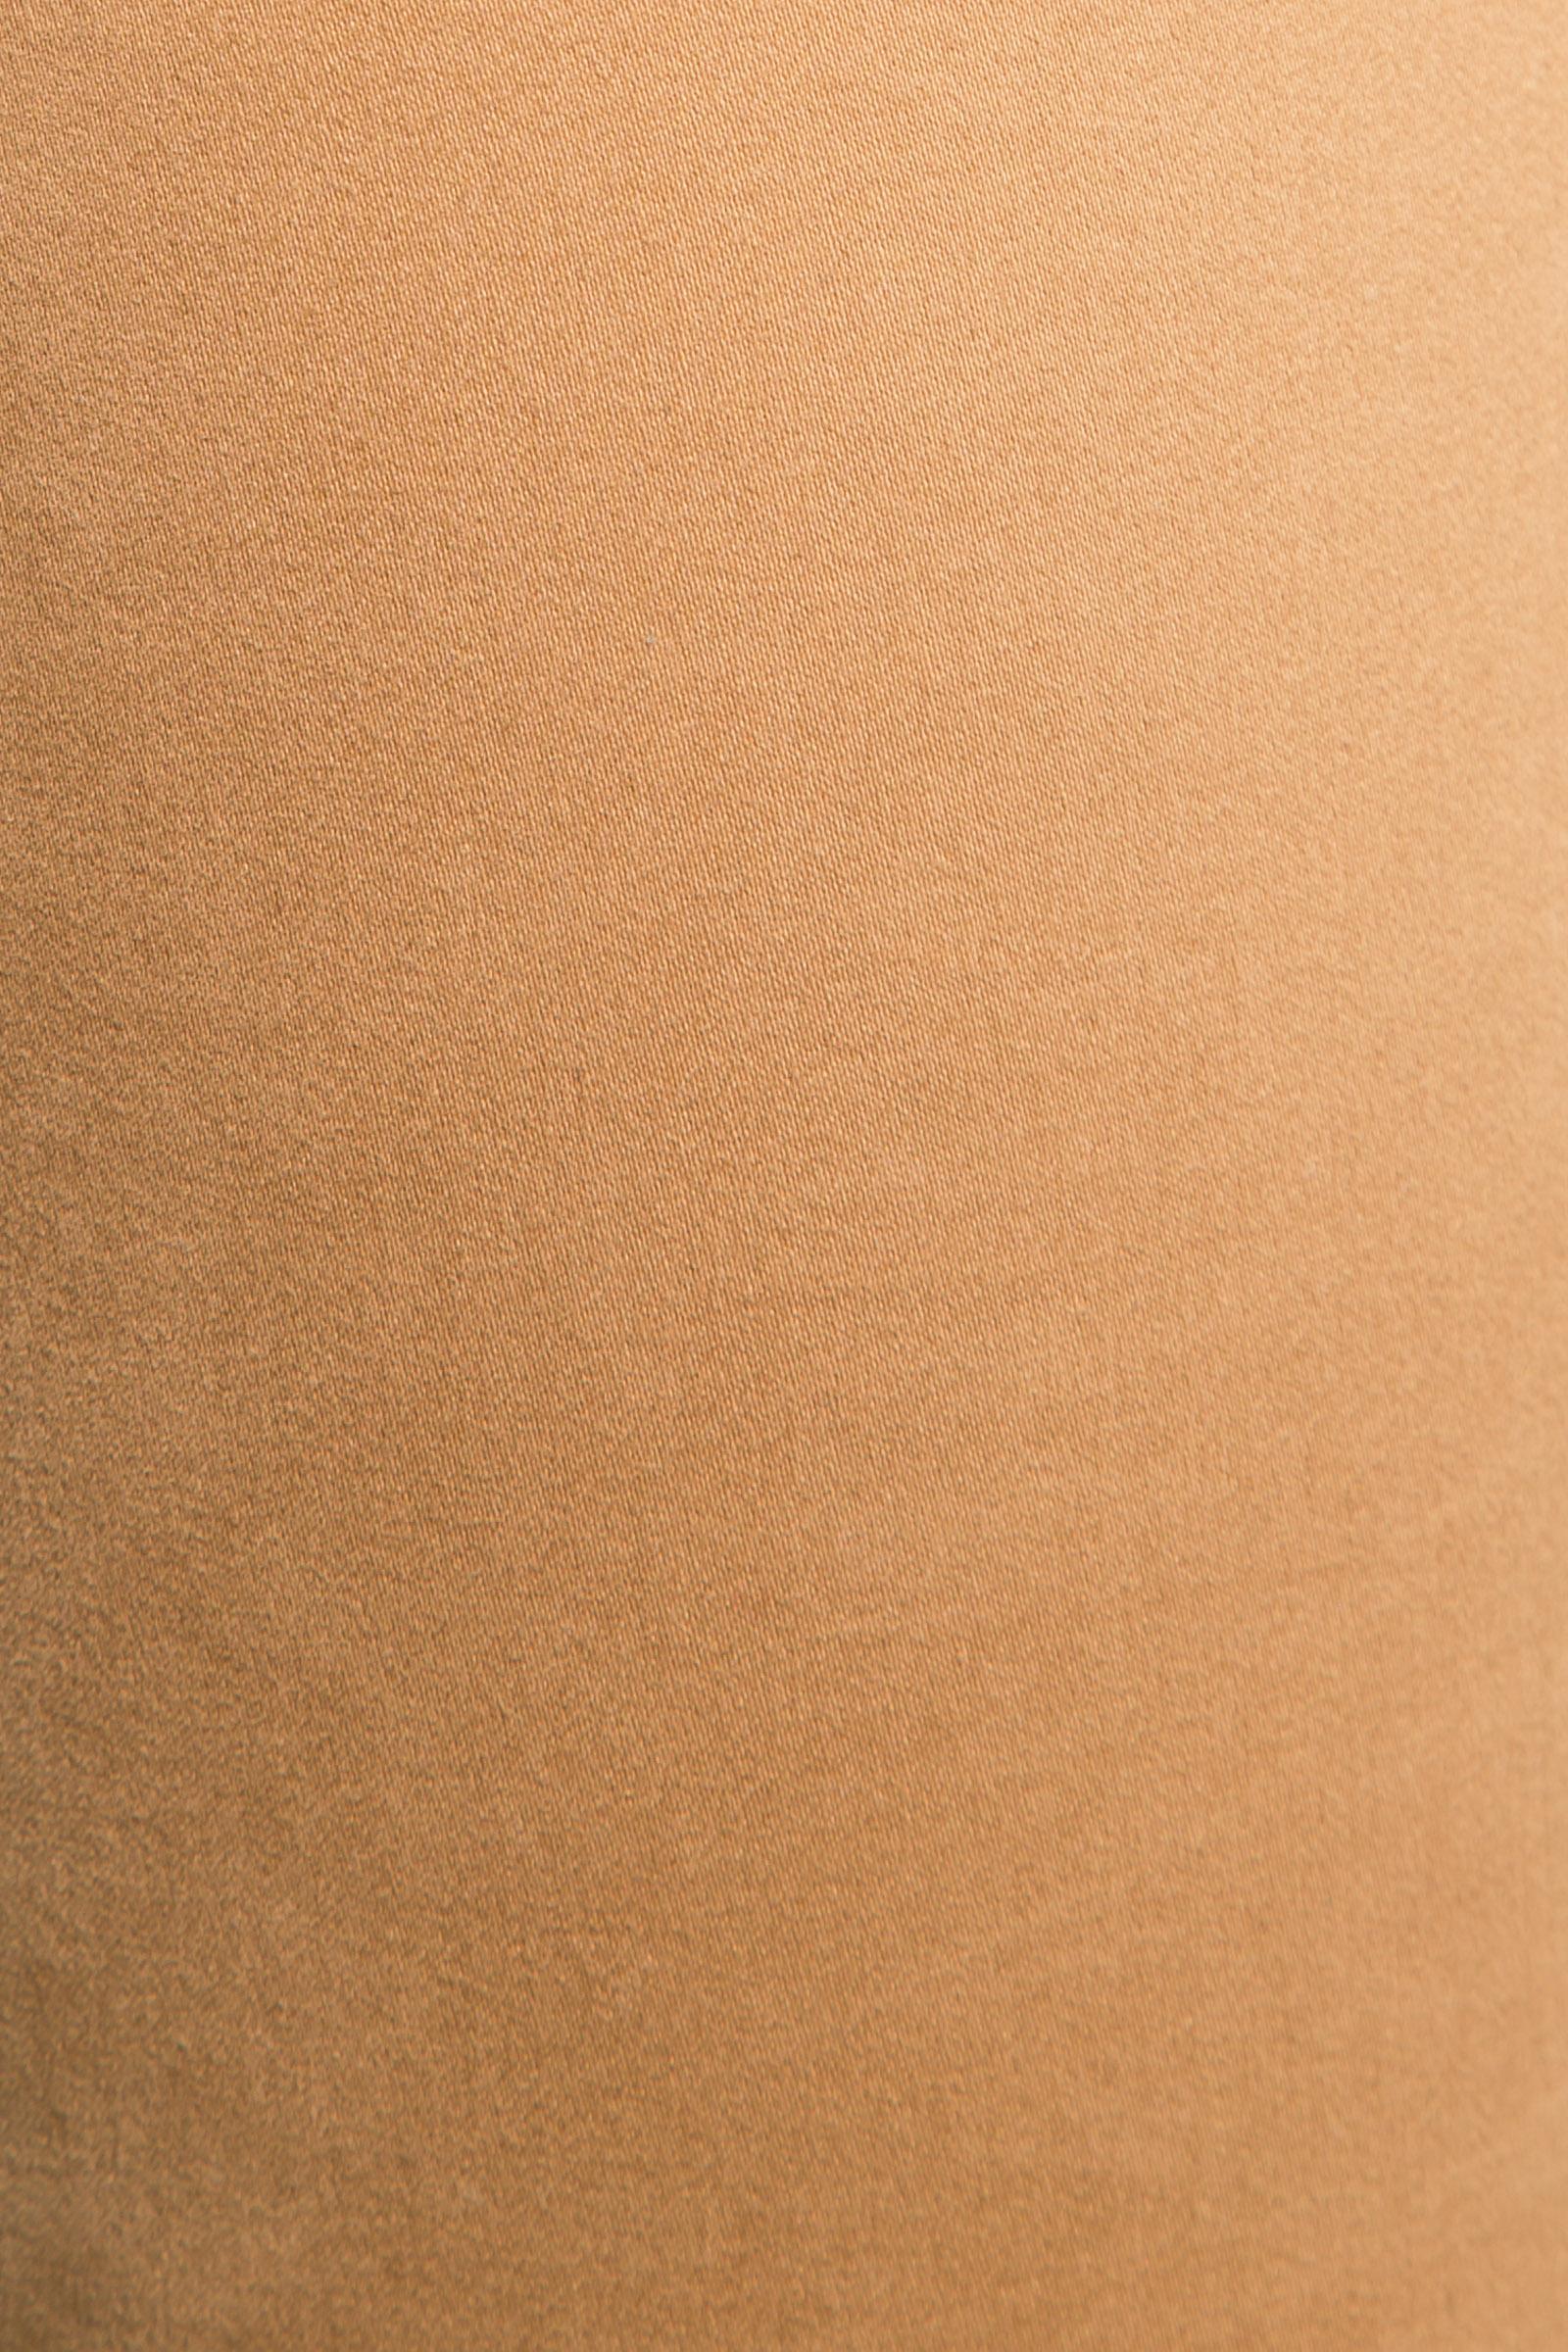 Basic-PANTALON KOAJ DRILL PUSH UP 1 TM 1/17